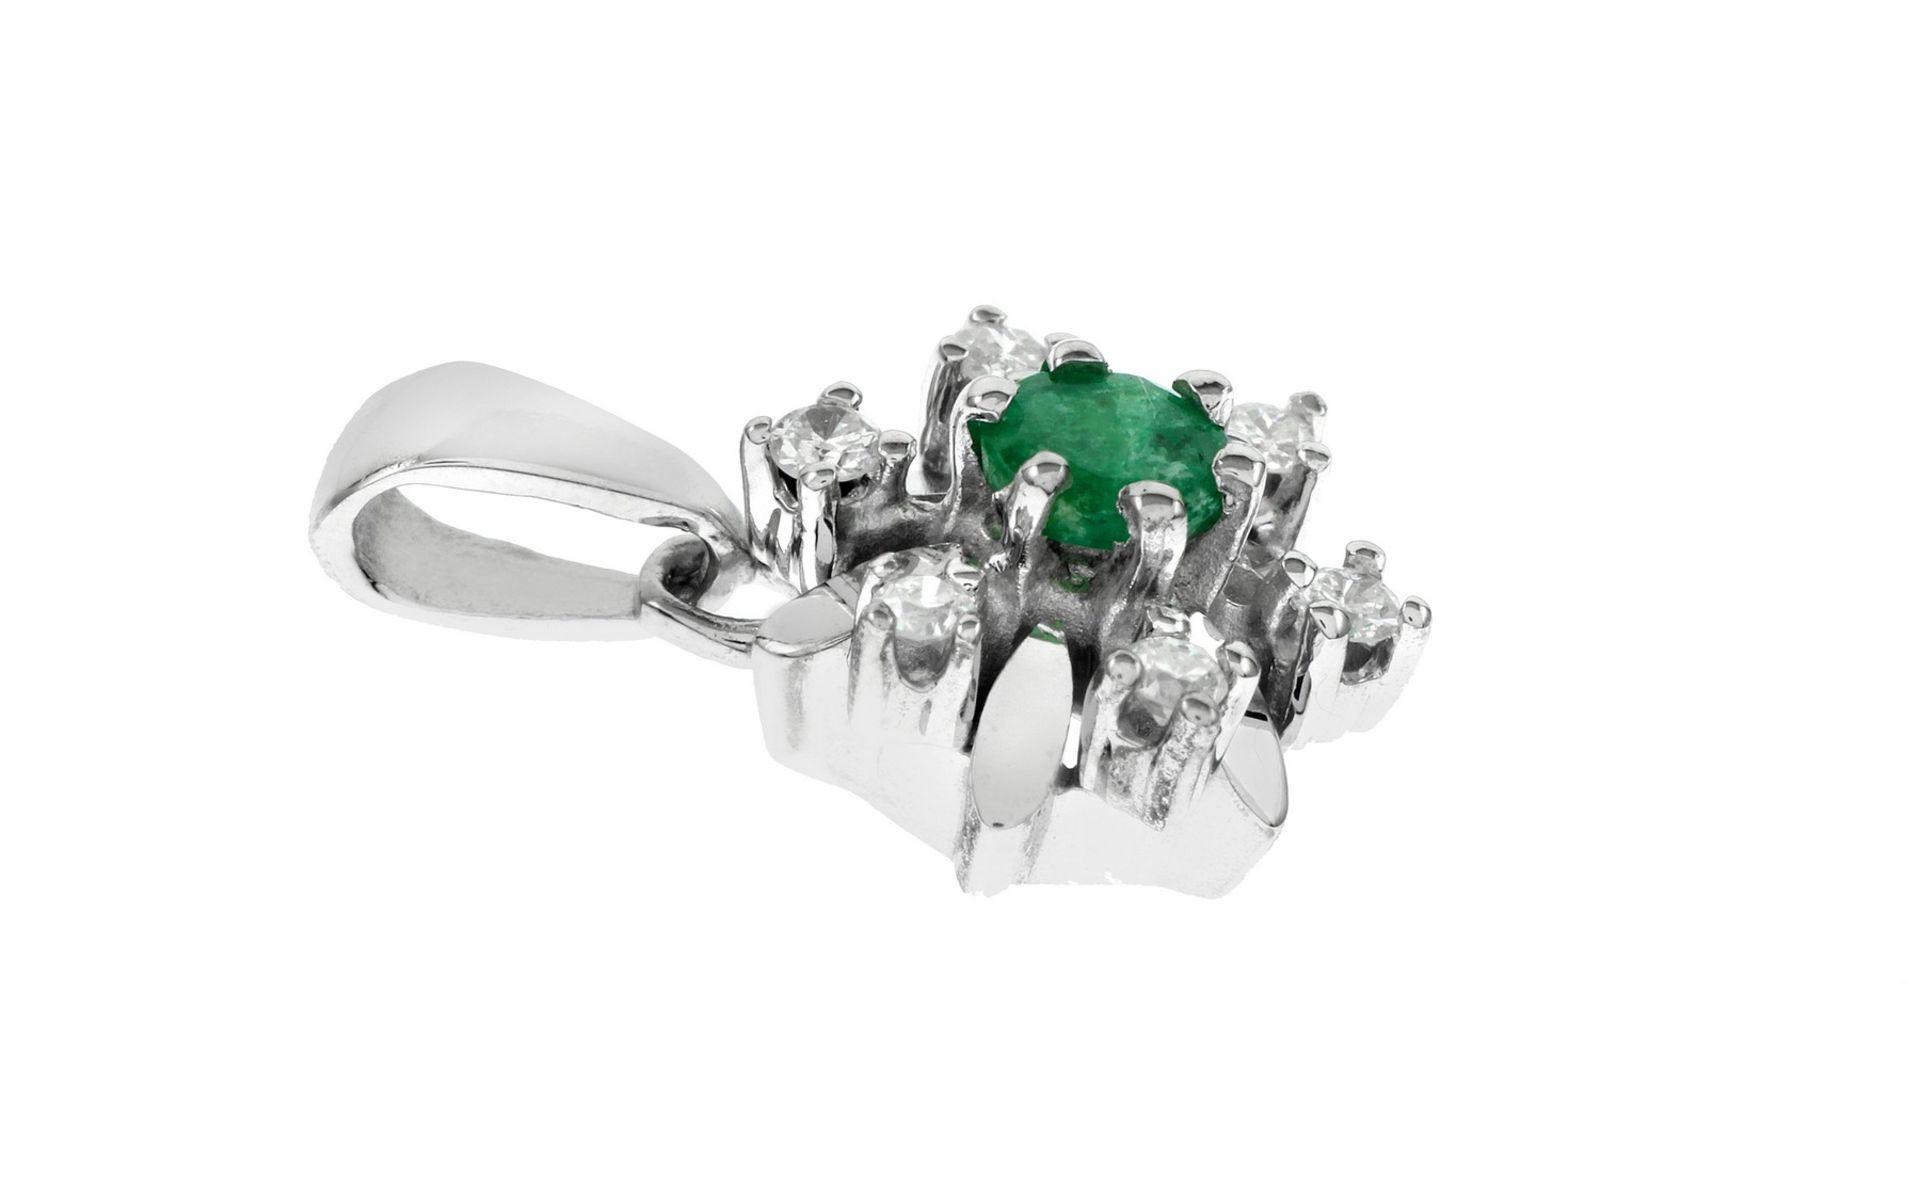 Anhänger mit Diamanten und Smaragd - Bild 2 aus 2